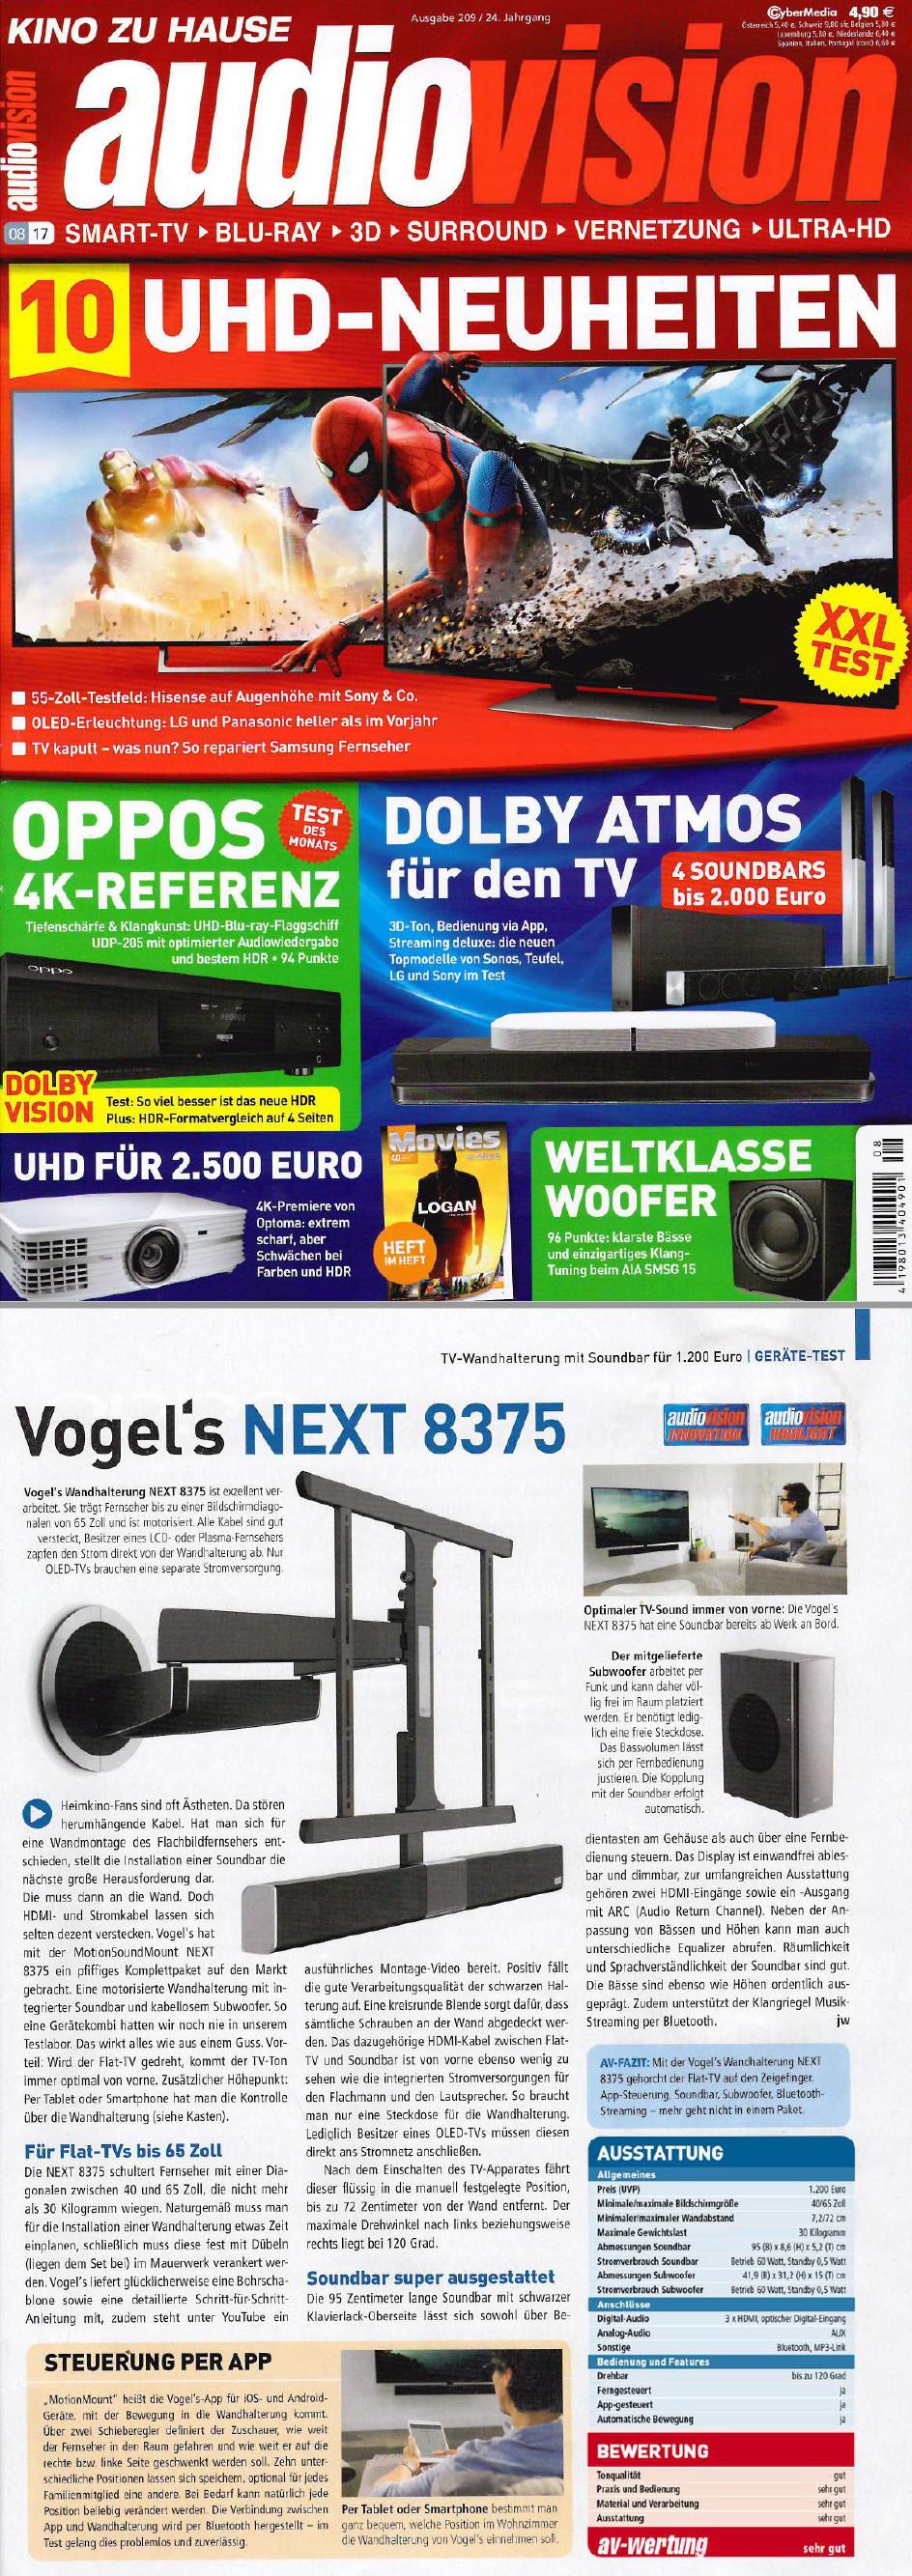 Testbericht Elektrische TV-Wandhalterung mit Sounbar NEXT 8375 | Vogel's